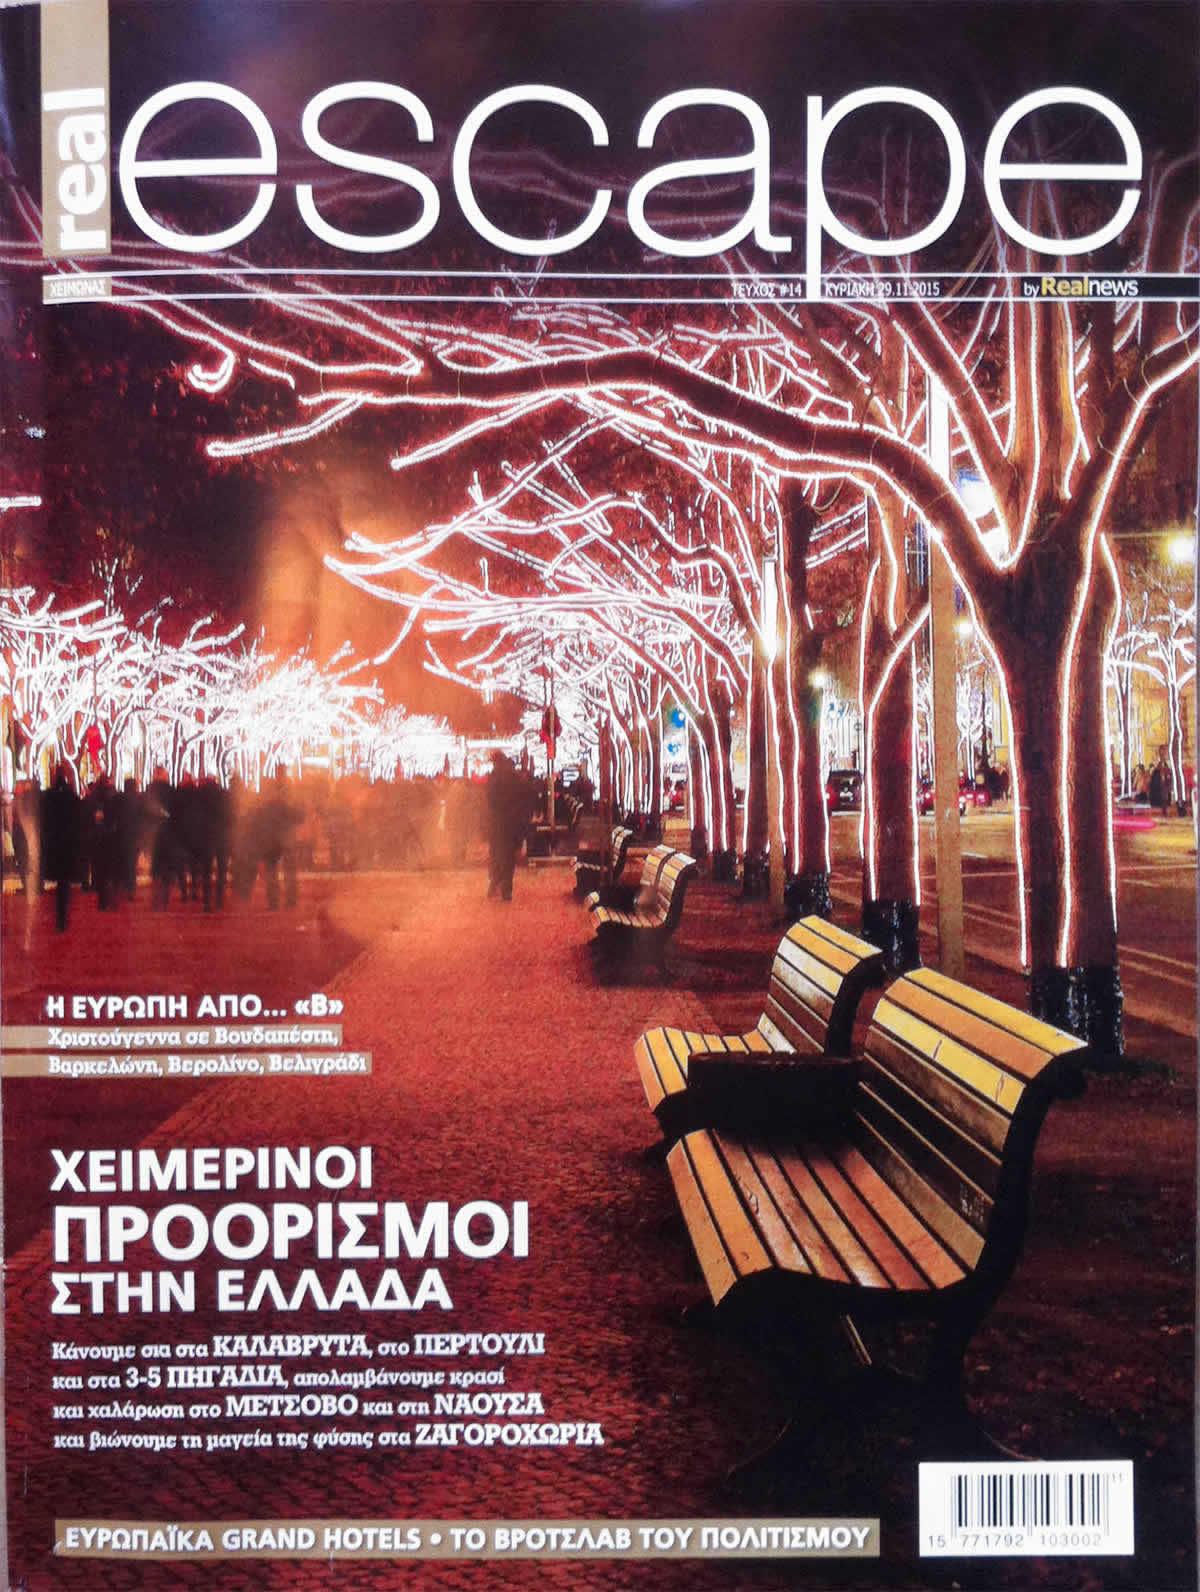 ΠΟΥ ΝΑ ΦΑΤΕ; Περιοδικό Real Escape, Νοέμβριος 2015